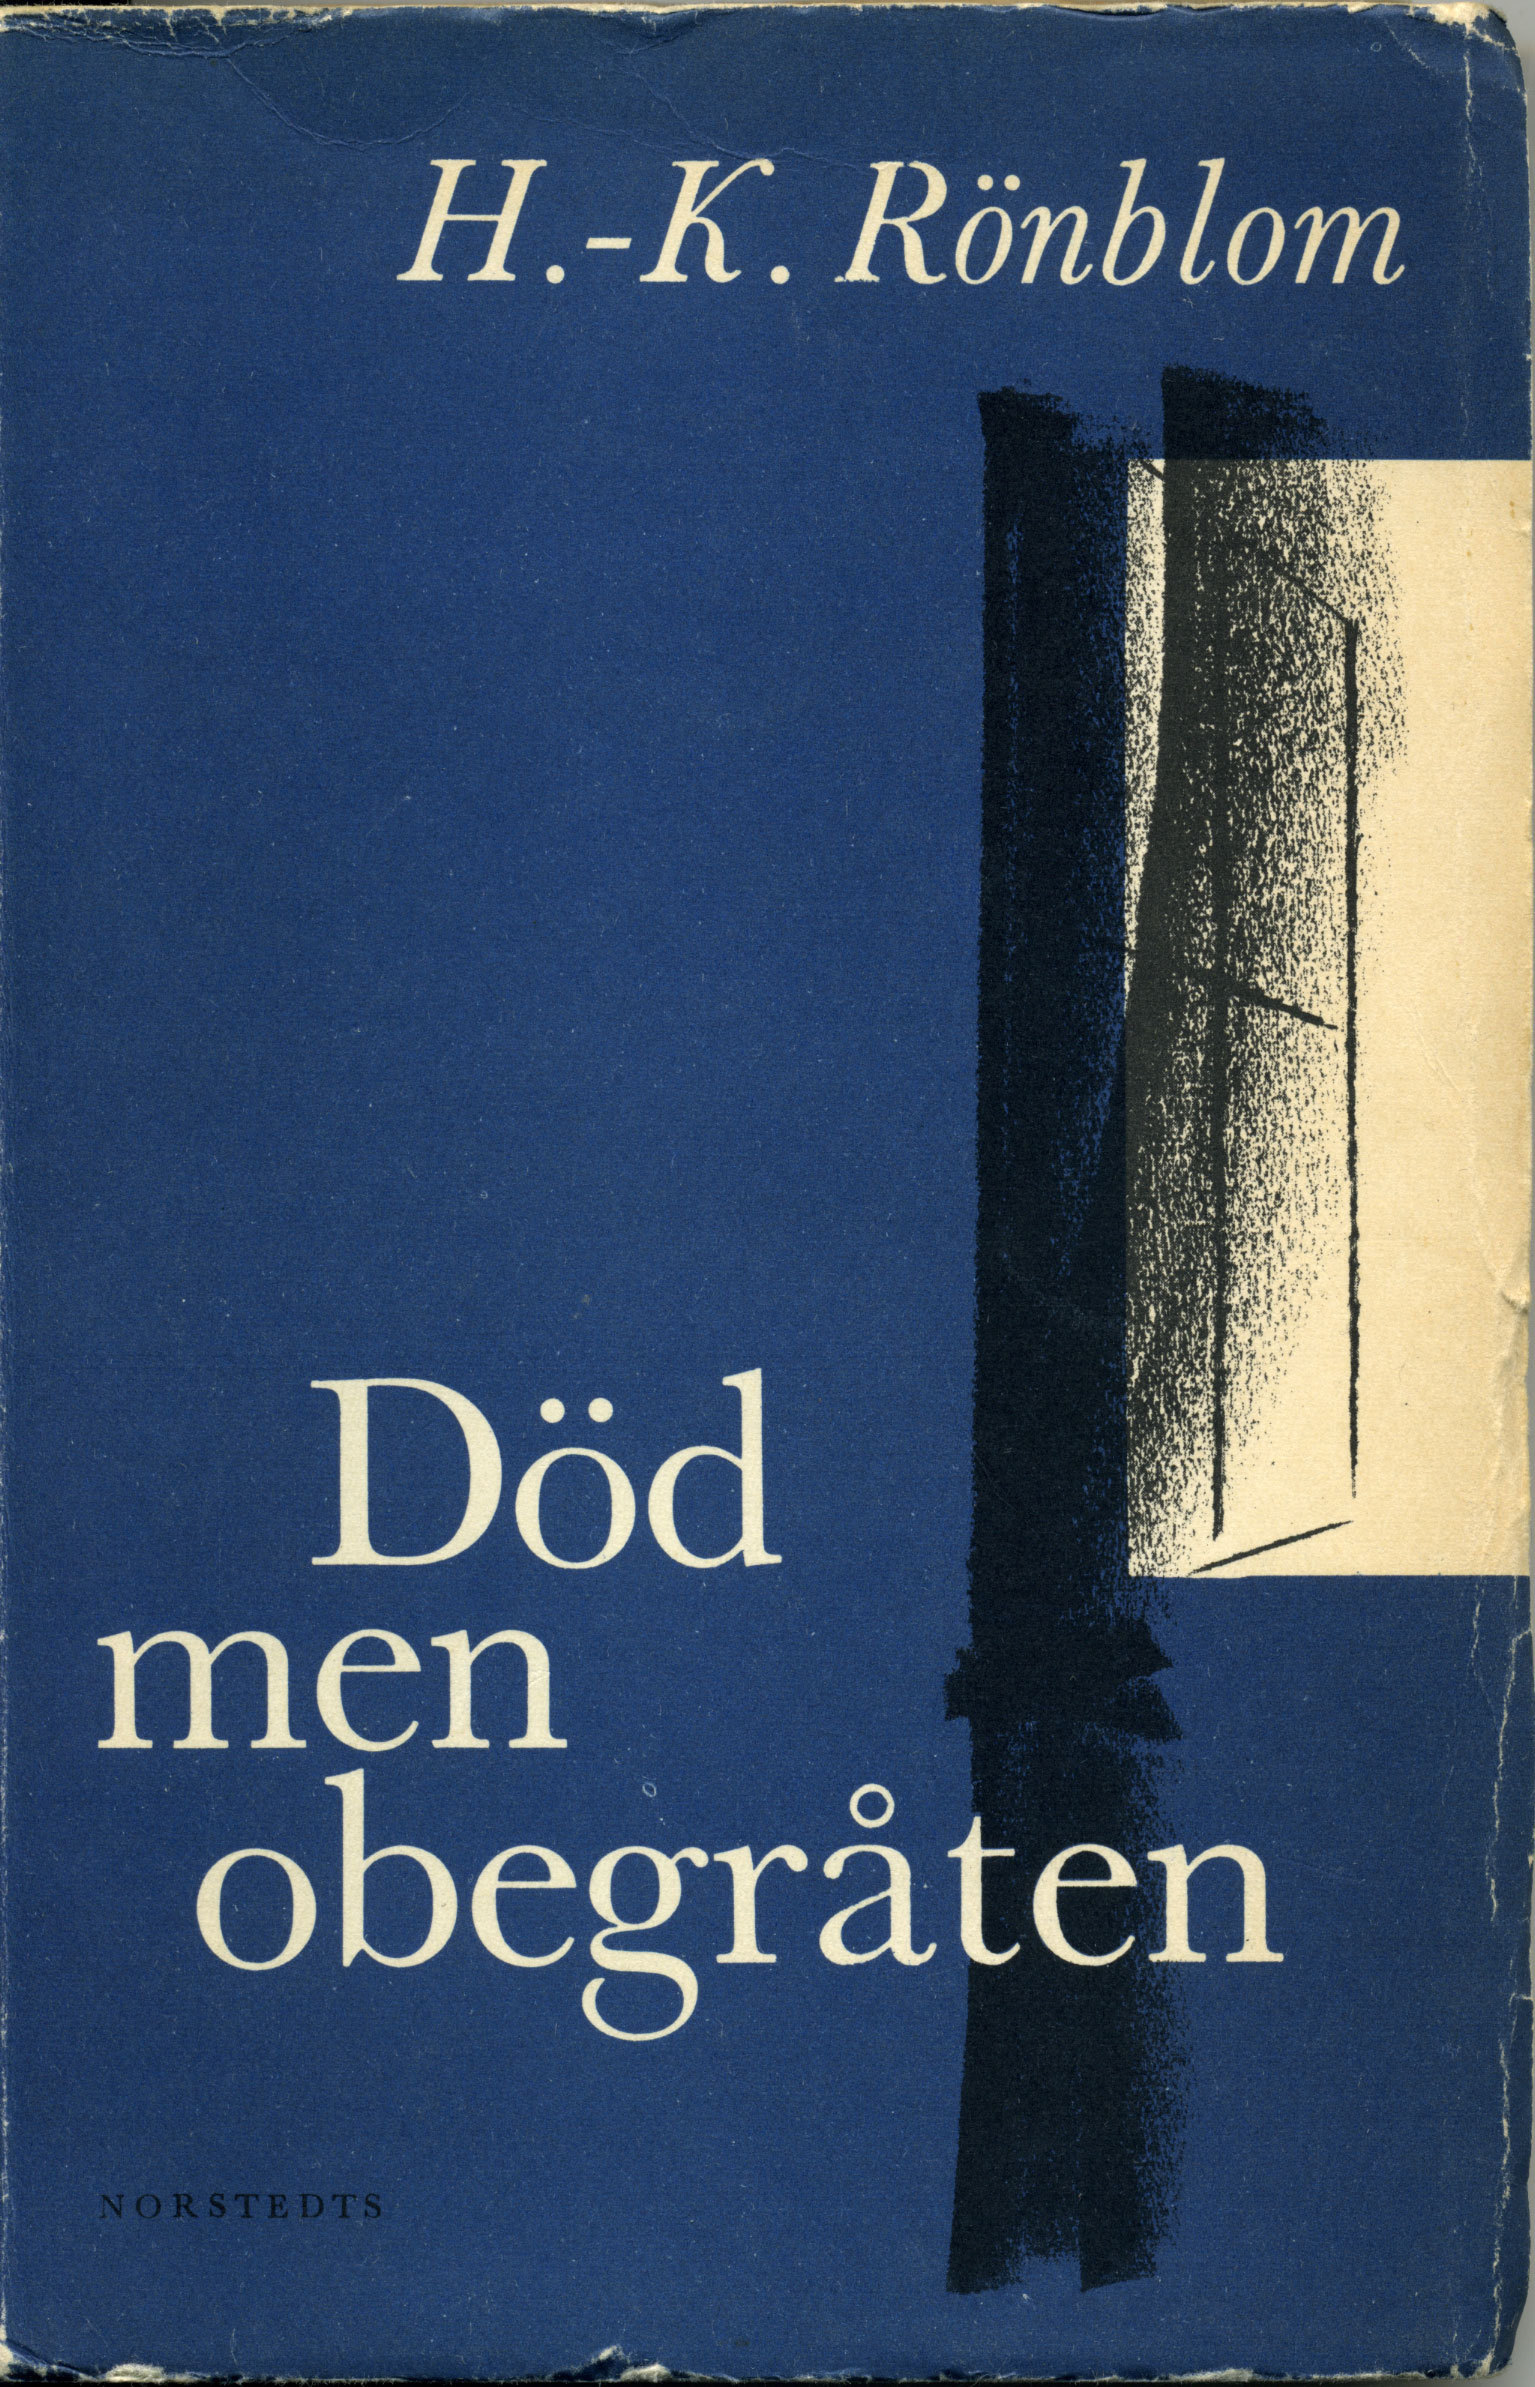 Död men obegråten (Paul Kennet, #8)  by  H.-K. Rönblom